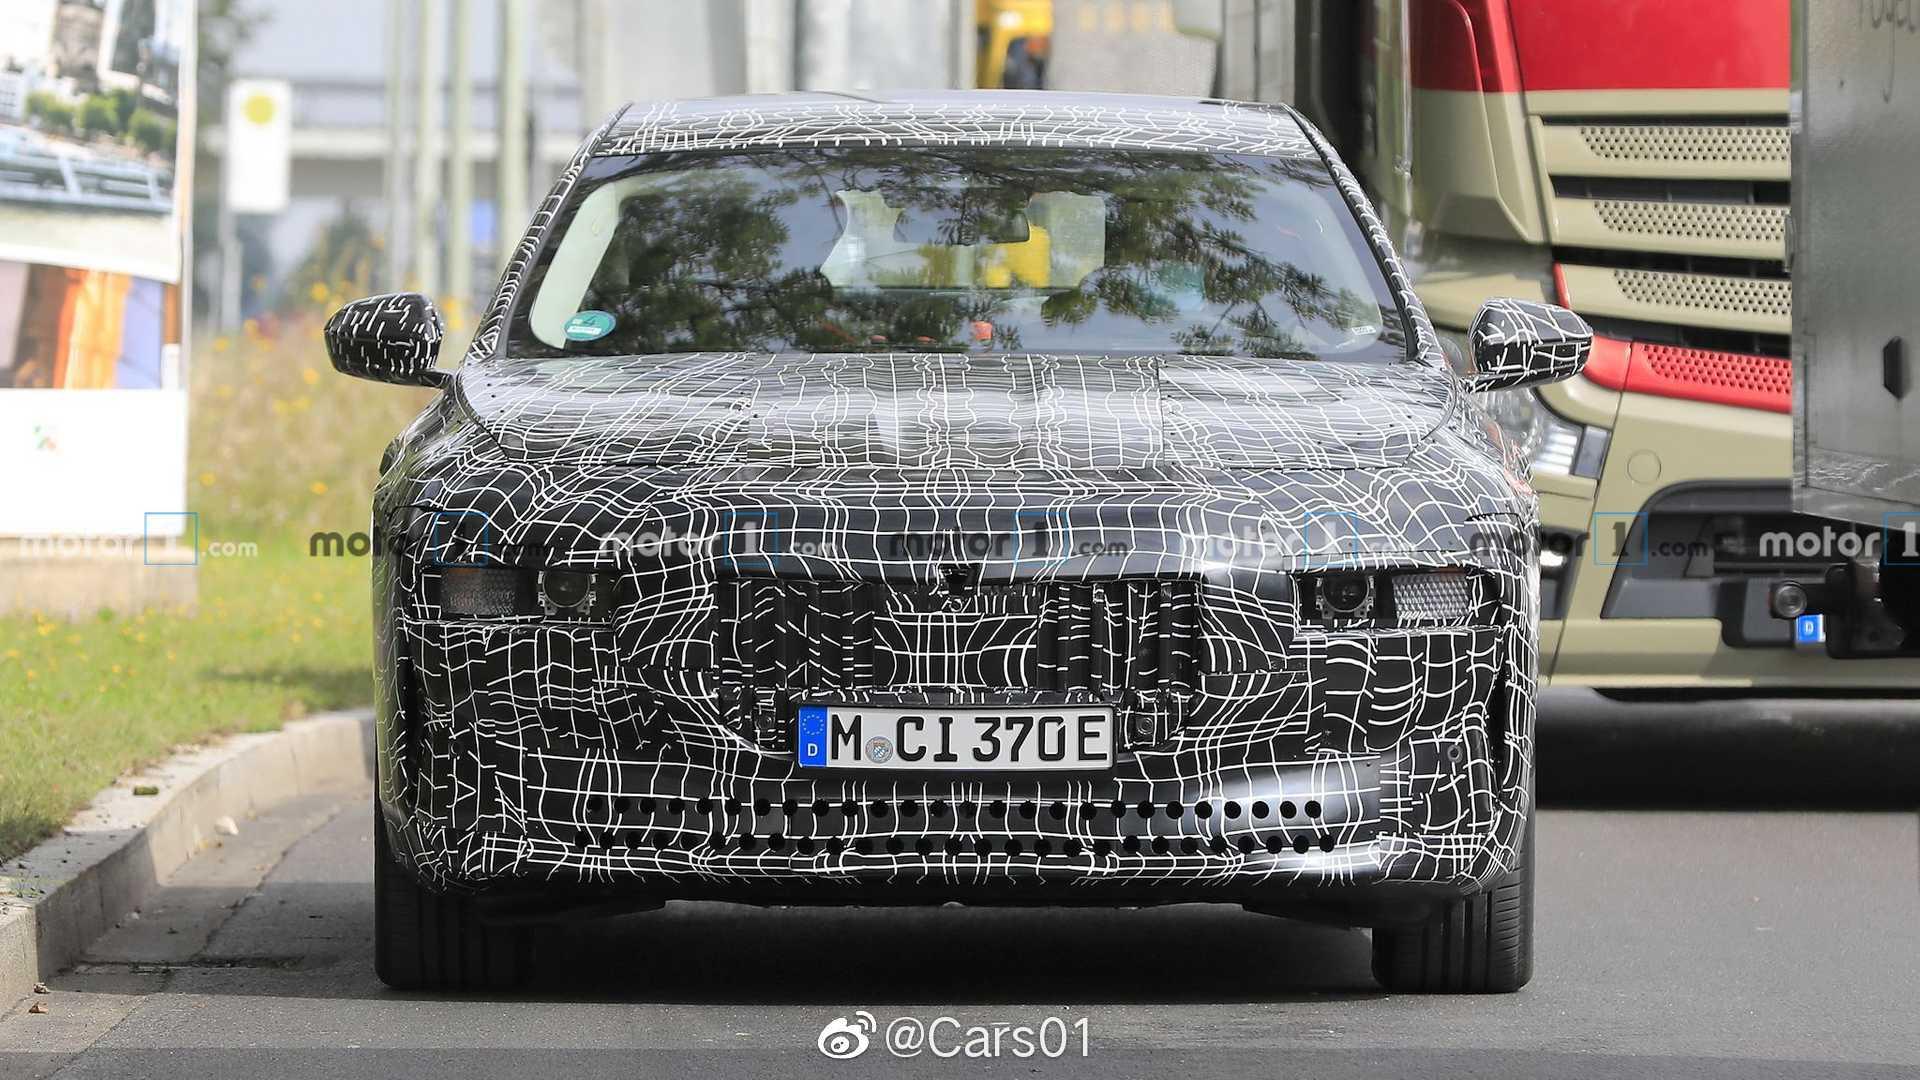 宝马i7纯电动豪华轿车最新路试谍照,新车预计将采用双电机驱动